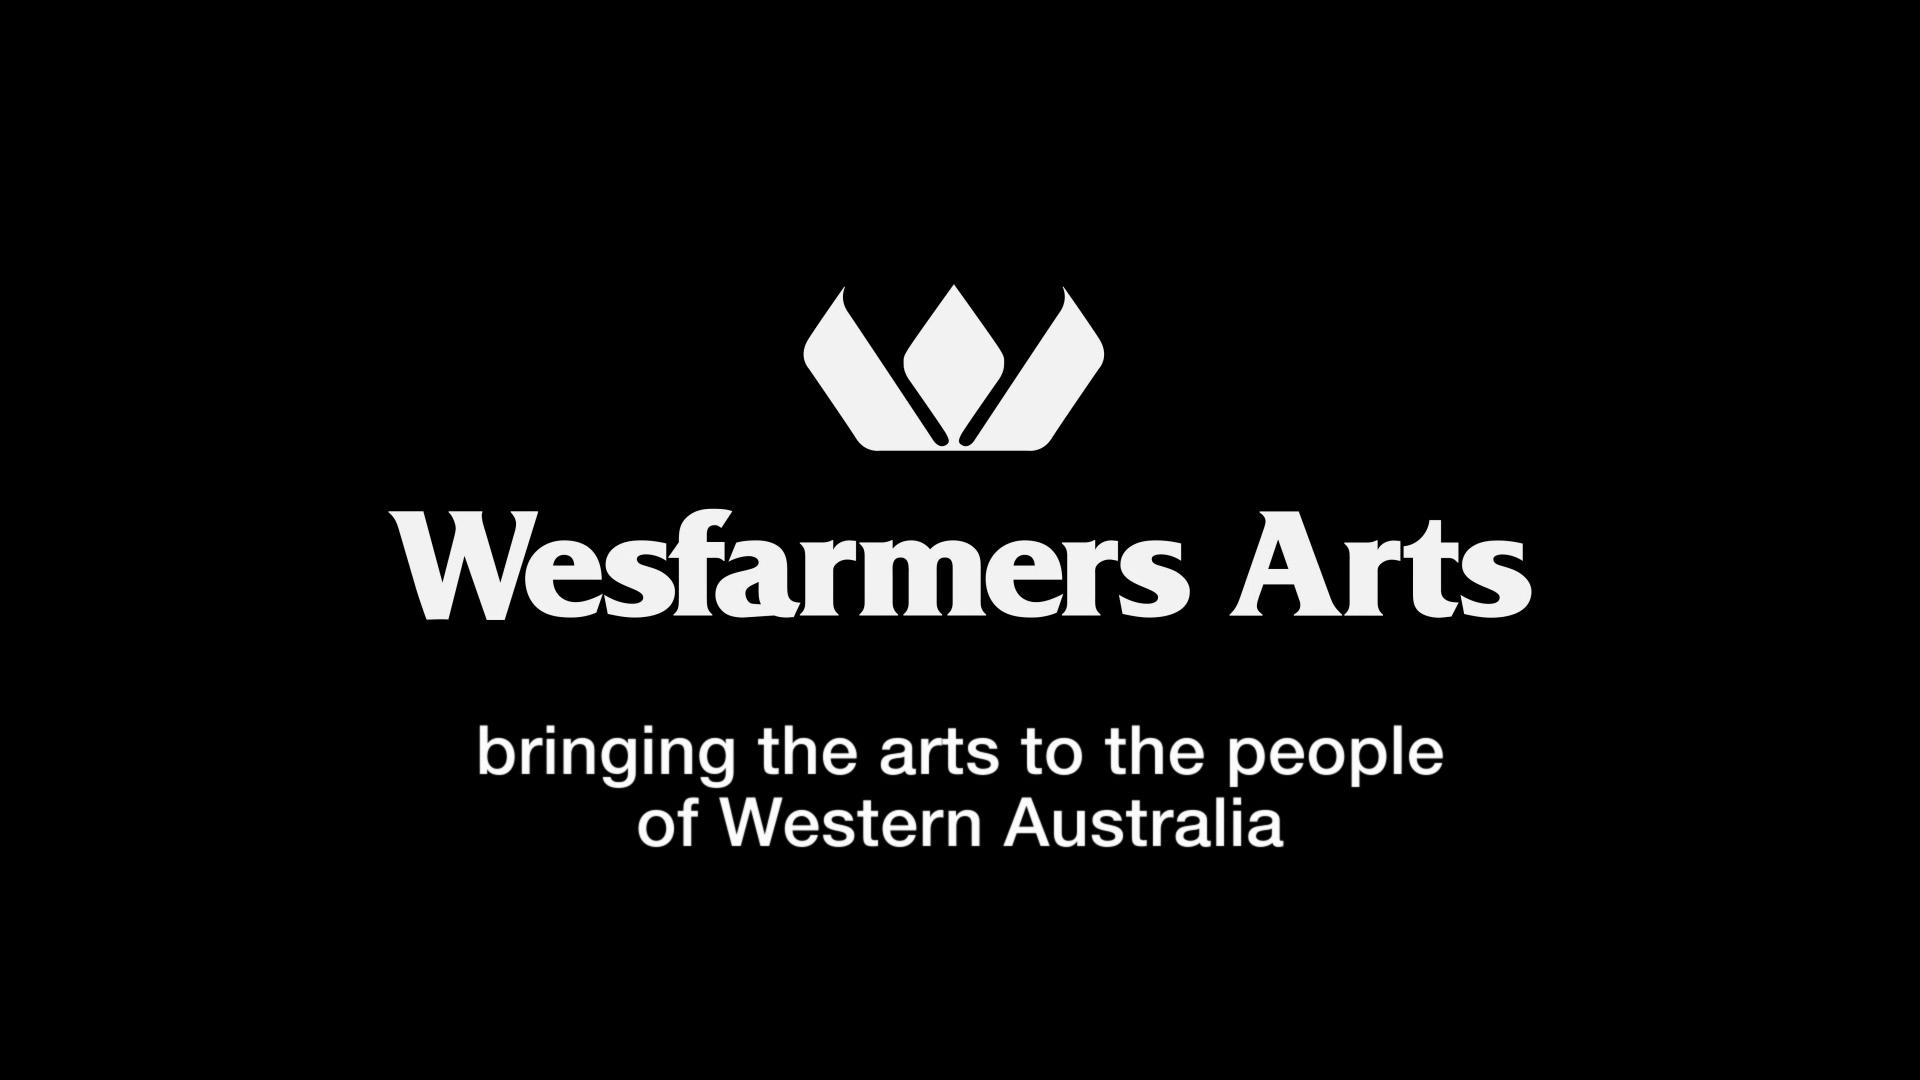 Wesfarmers Arts video